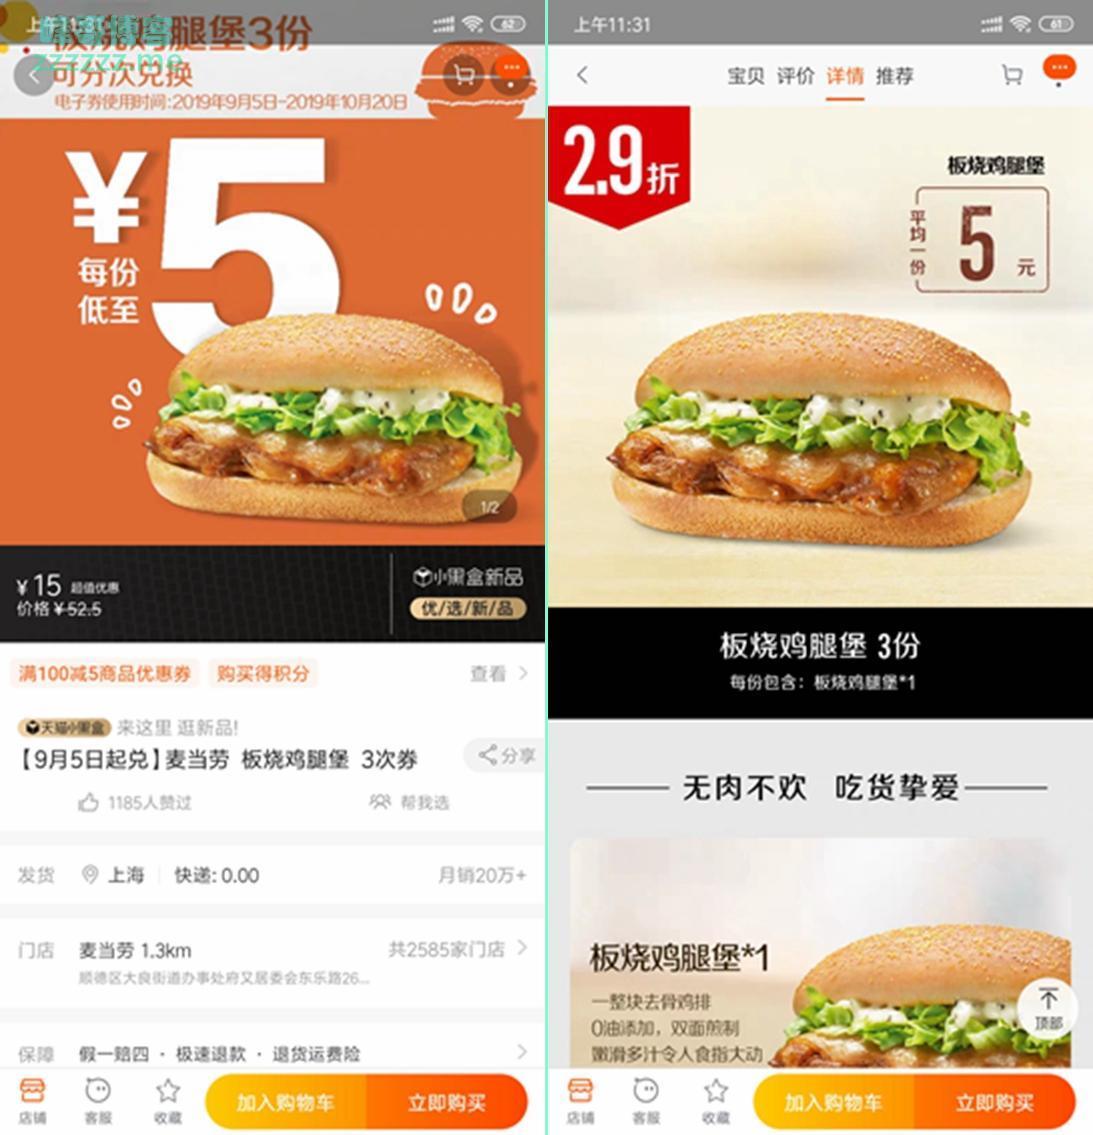 麦当劳五元板烧鸡腿堡又来了 麦当劳板烧鸡腿堡三个仅售15元!